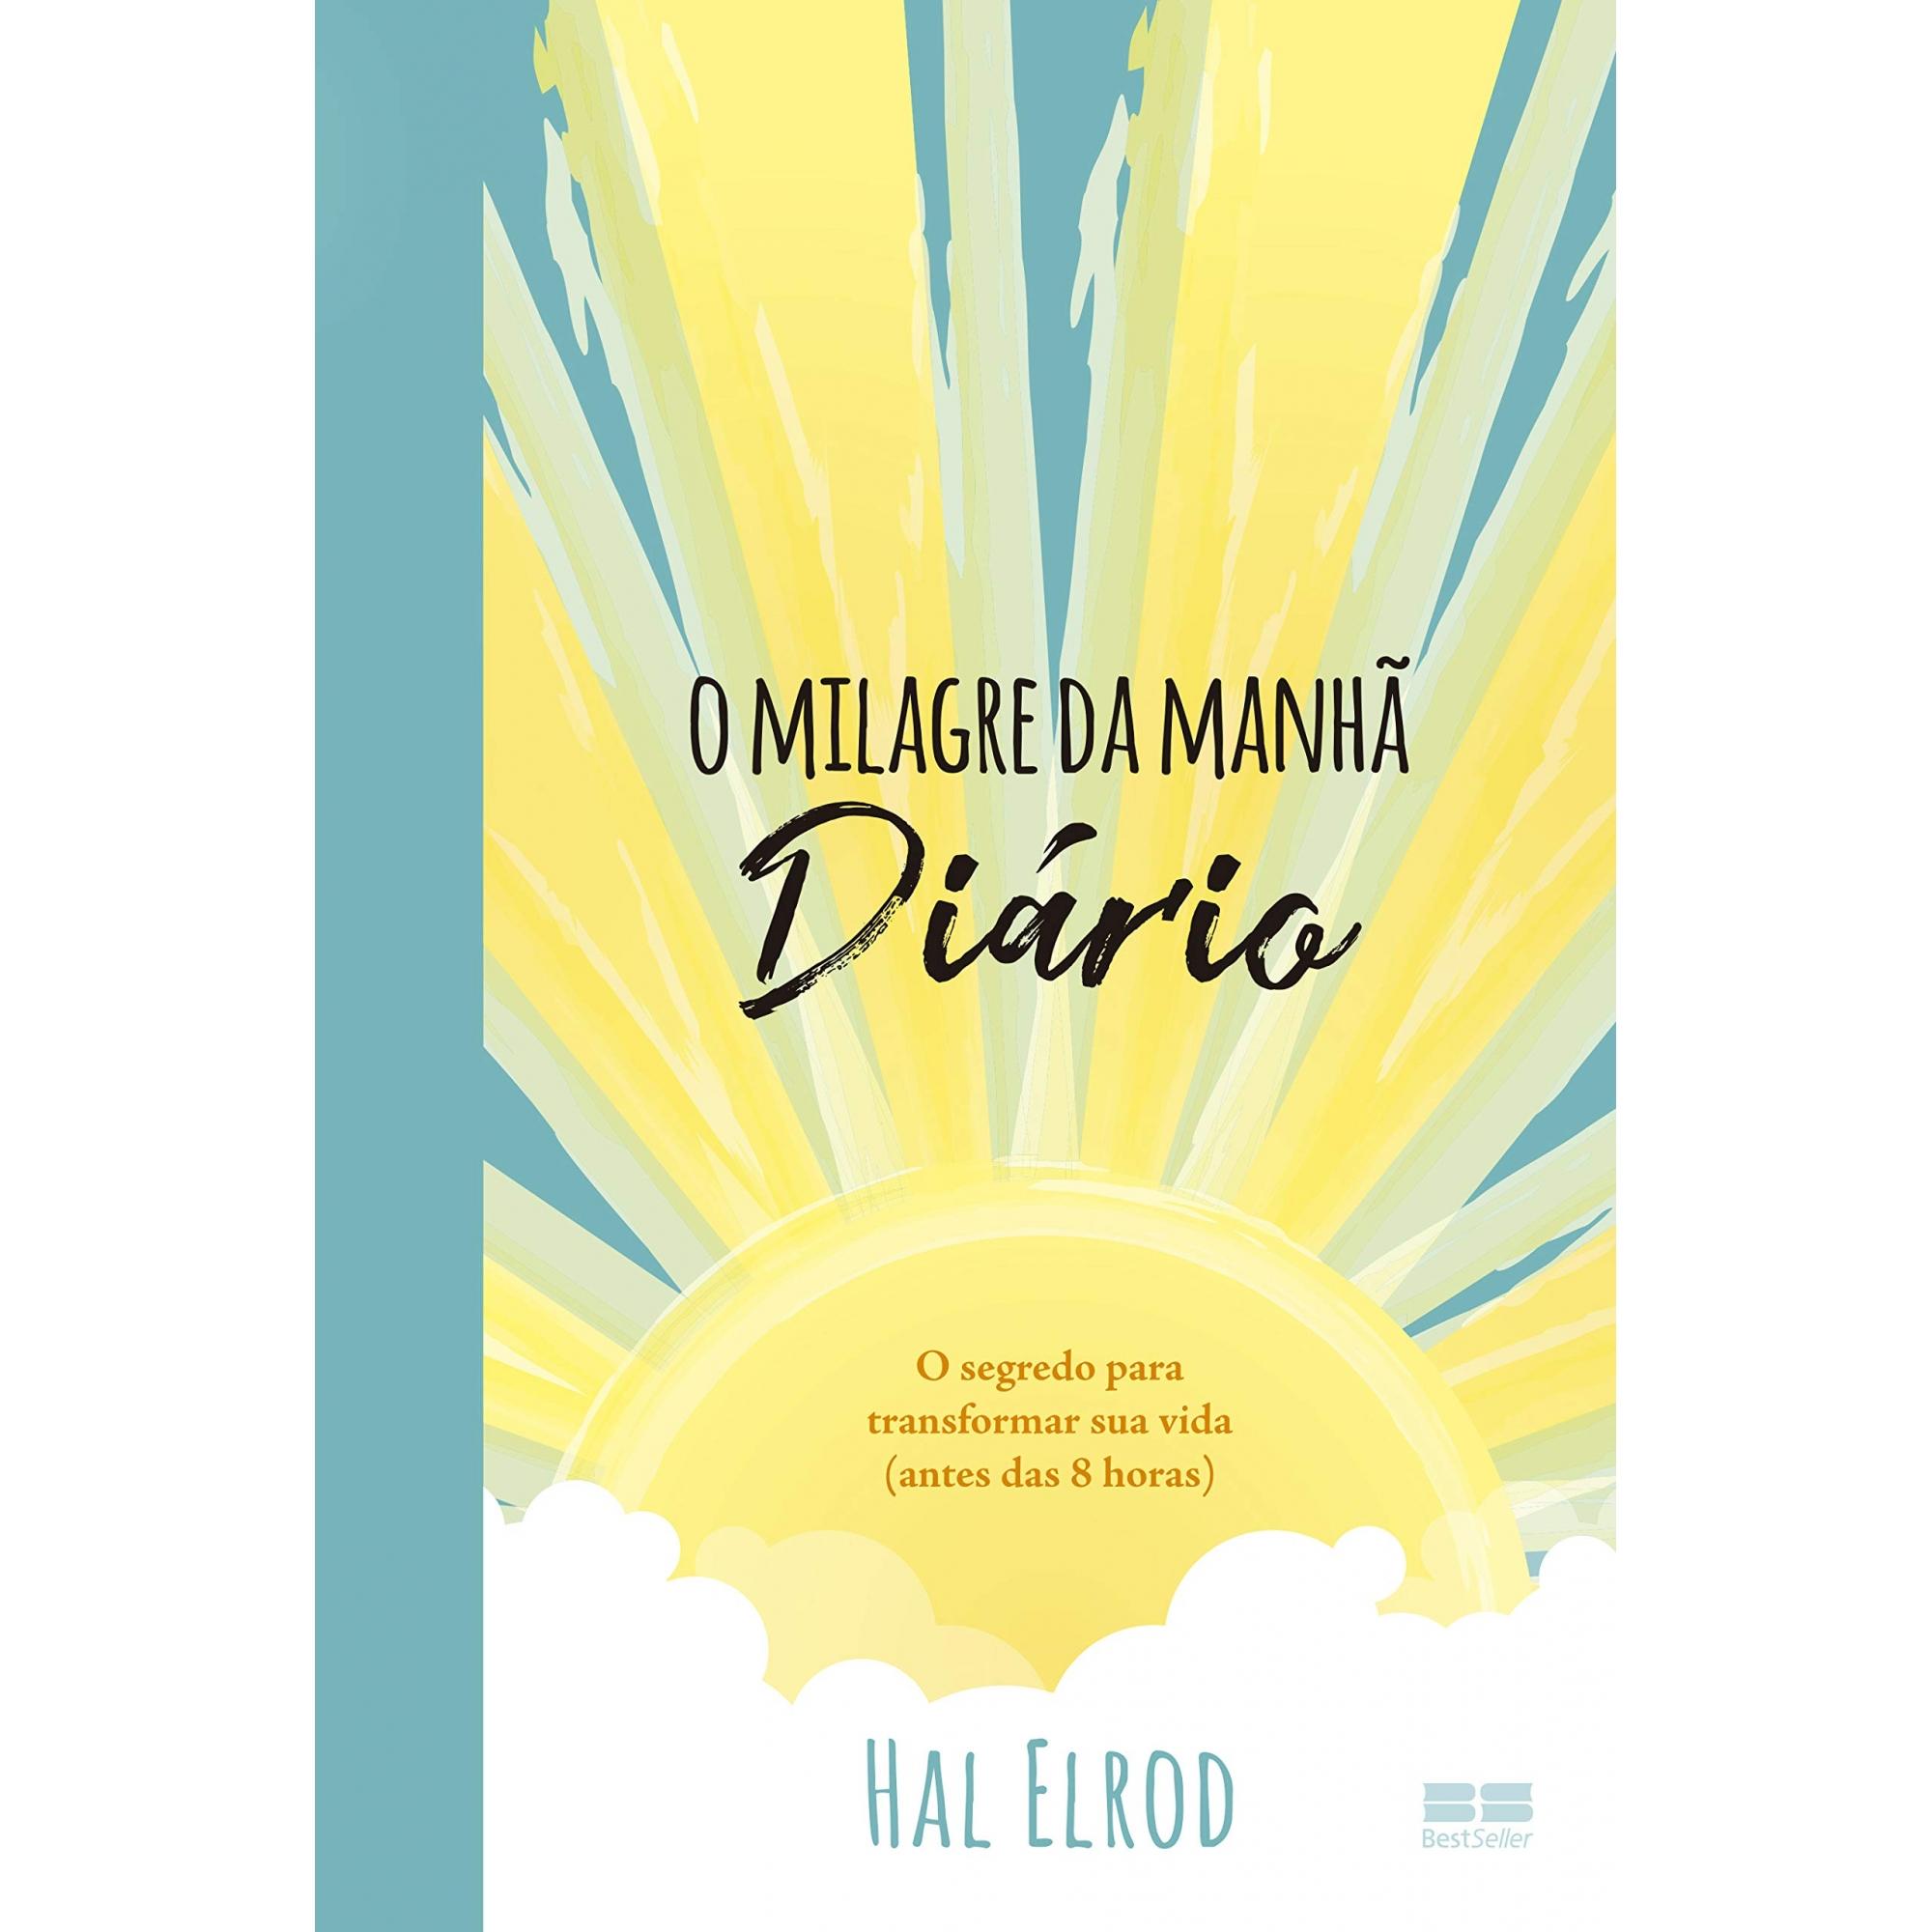 LIVRO O MILAGE DA MANHÃ DIÁRIO DE HAL ELRPD